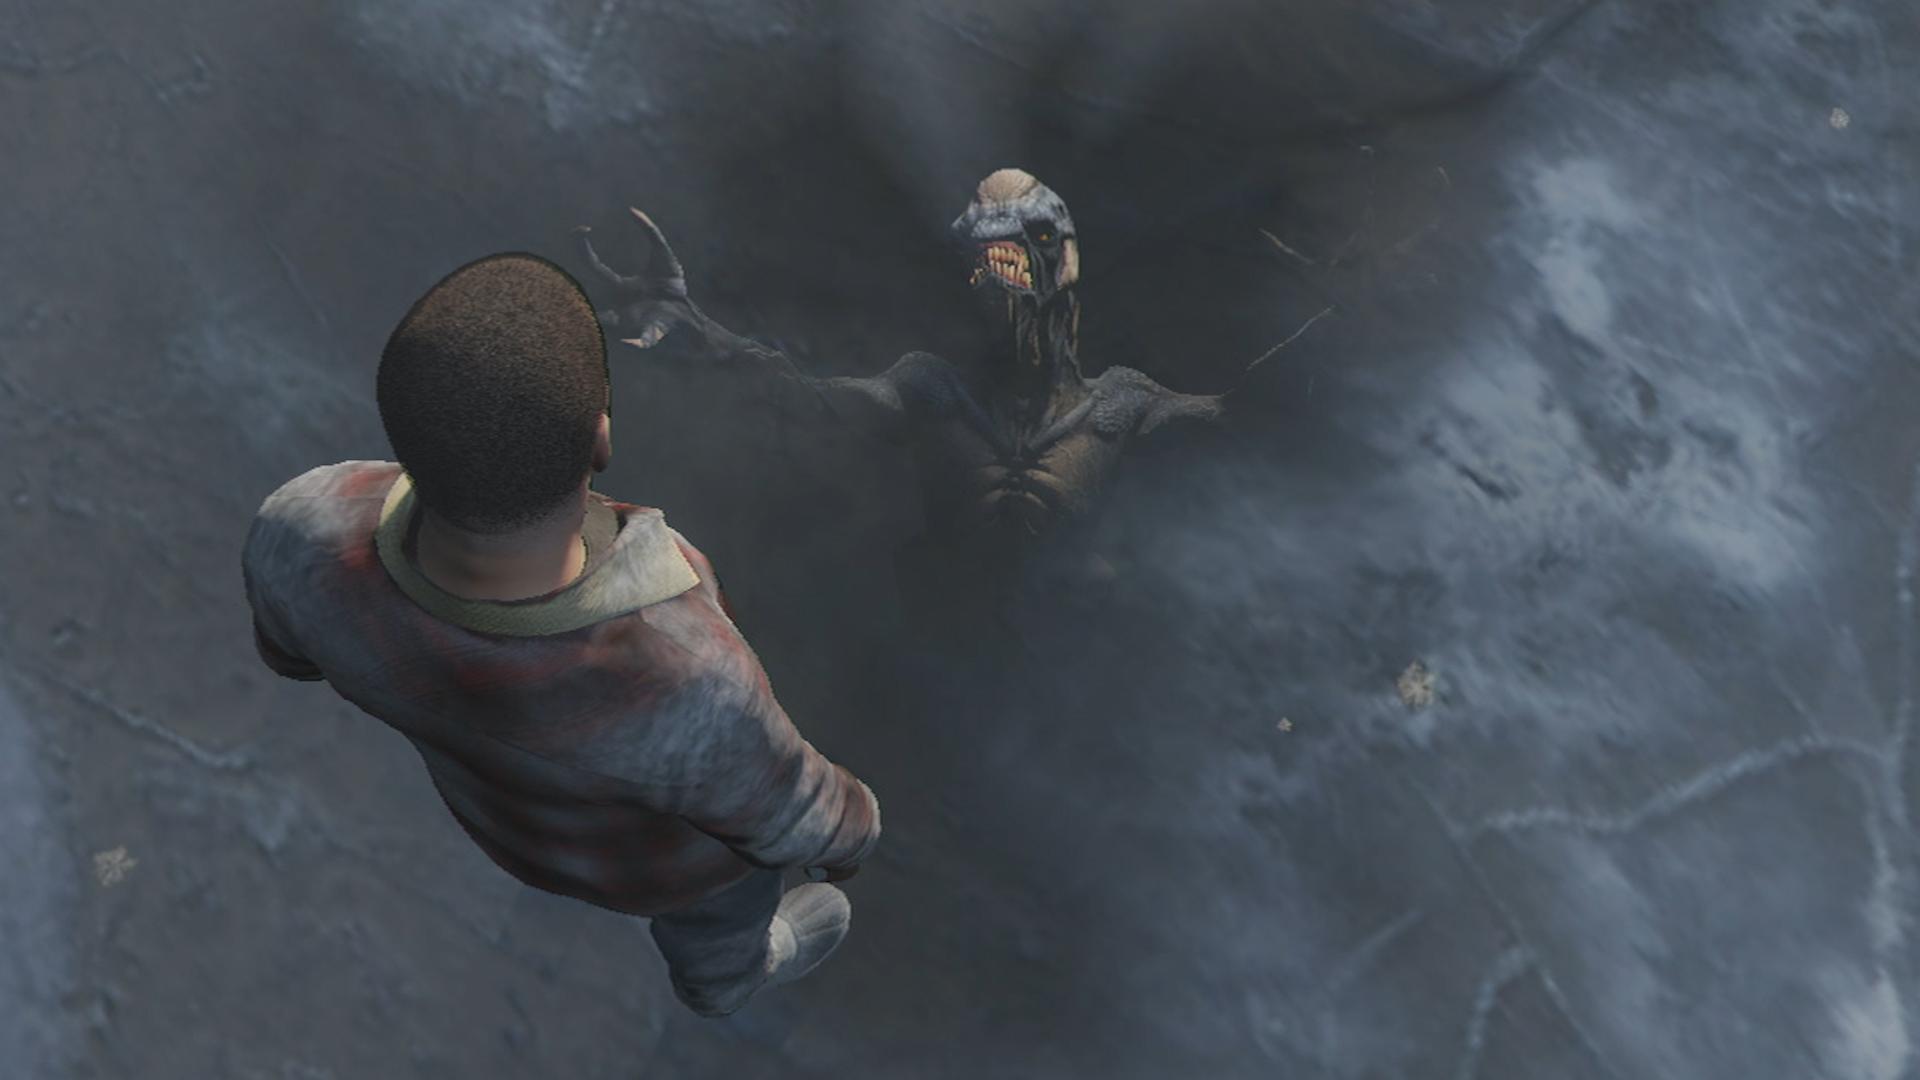 Alien frozen in the ice